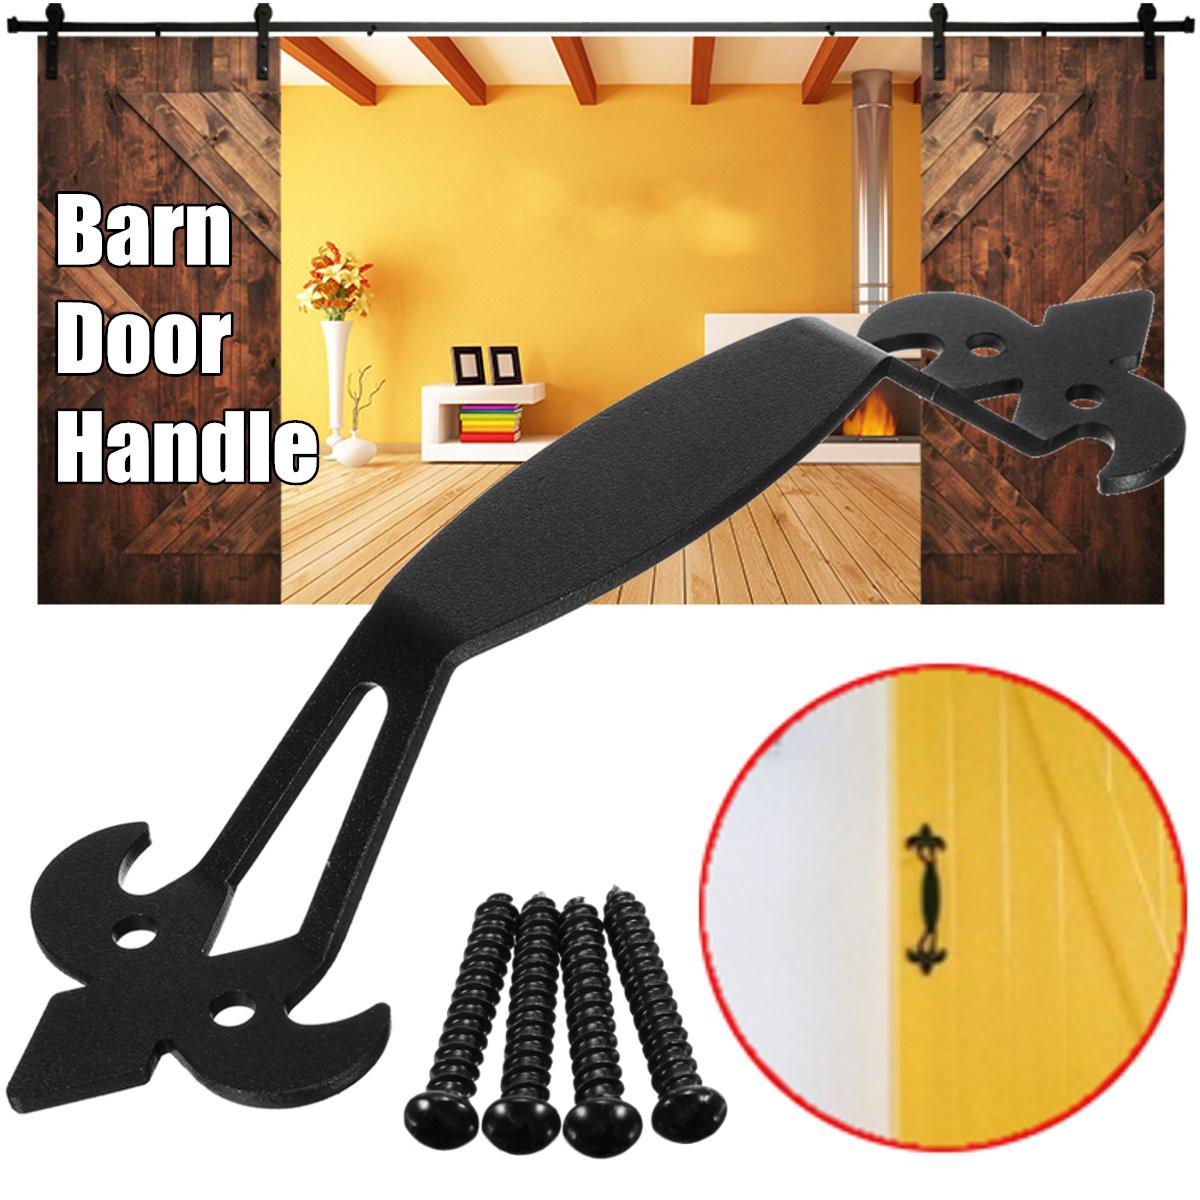 11'' Steel Slide Barn Door Gate Handle Black Hardware Powder Coated + Screws 280*45mm